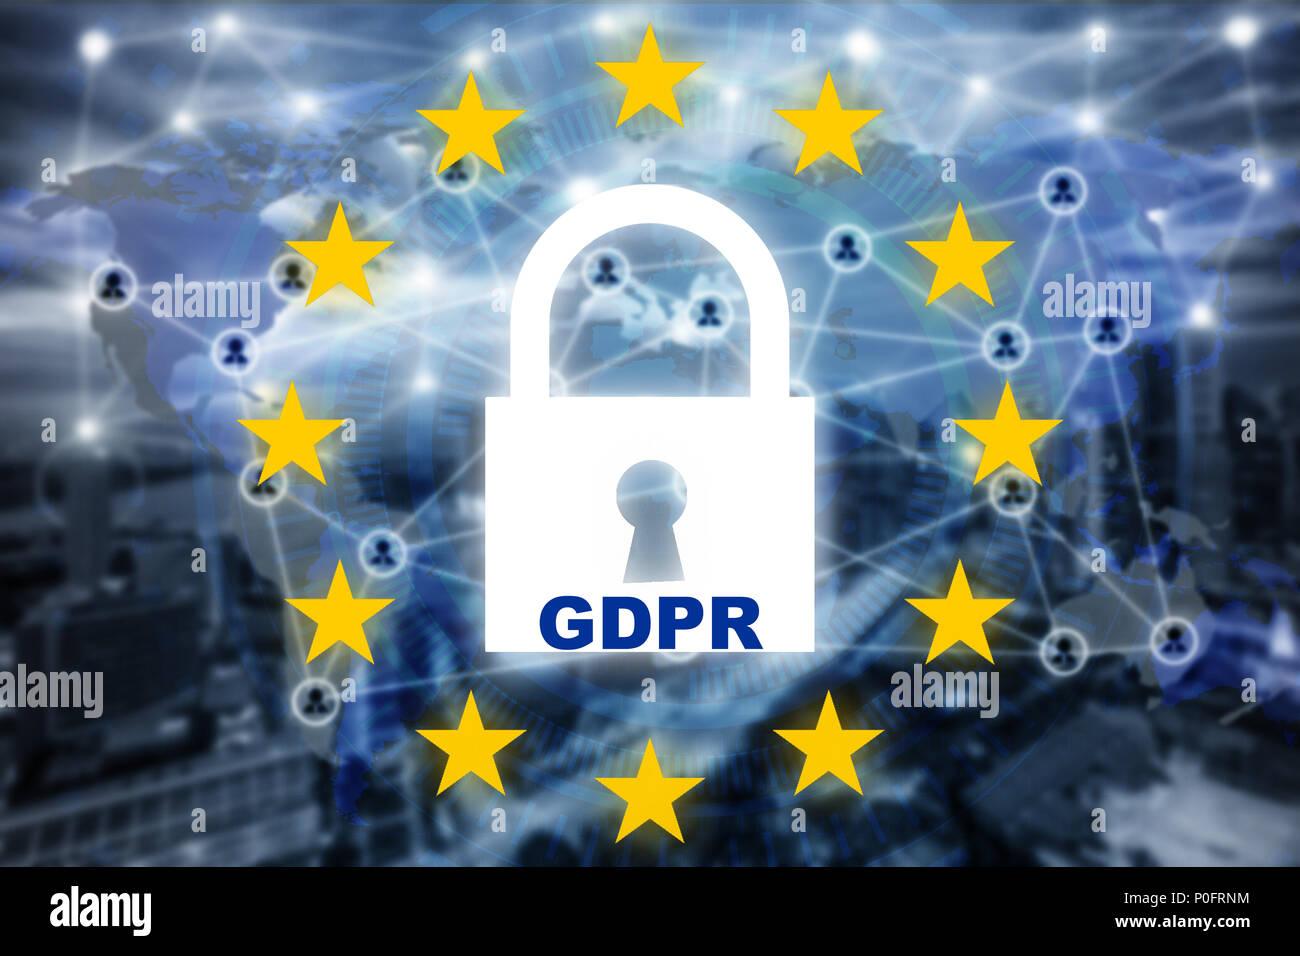 Datenschutz Datenschutz Konzept. Bipr. EU. Cyber Security Network. Vorhängeschloss und Internet Technologie Netzwerk Verbindung auf virtuellen Bildschirm. Stockbild